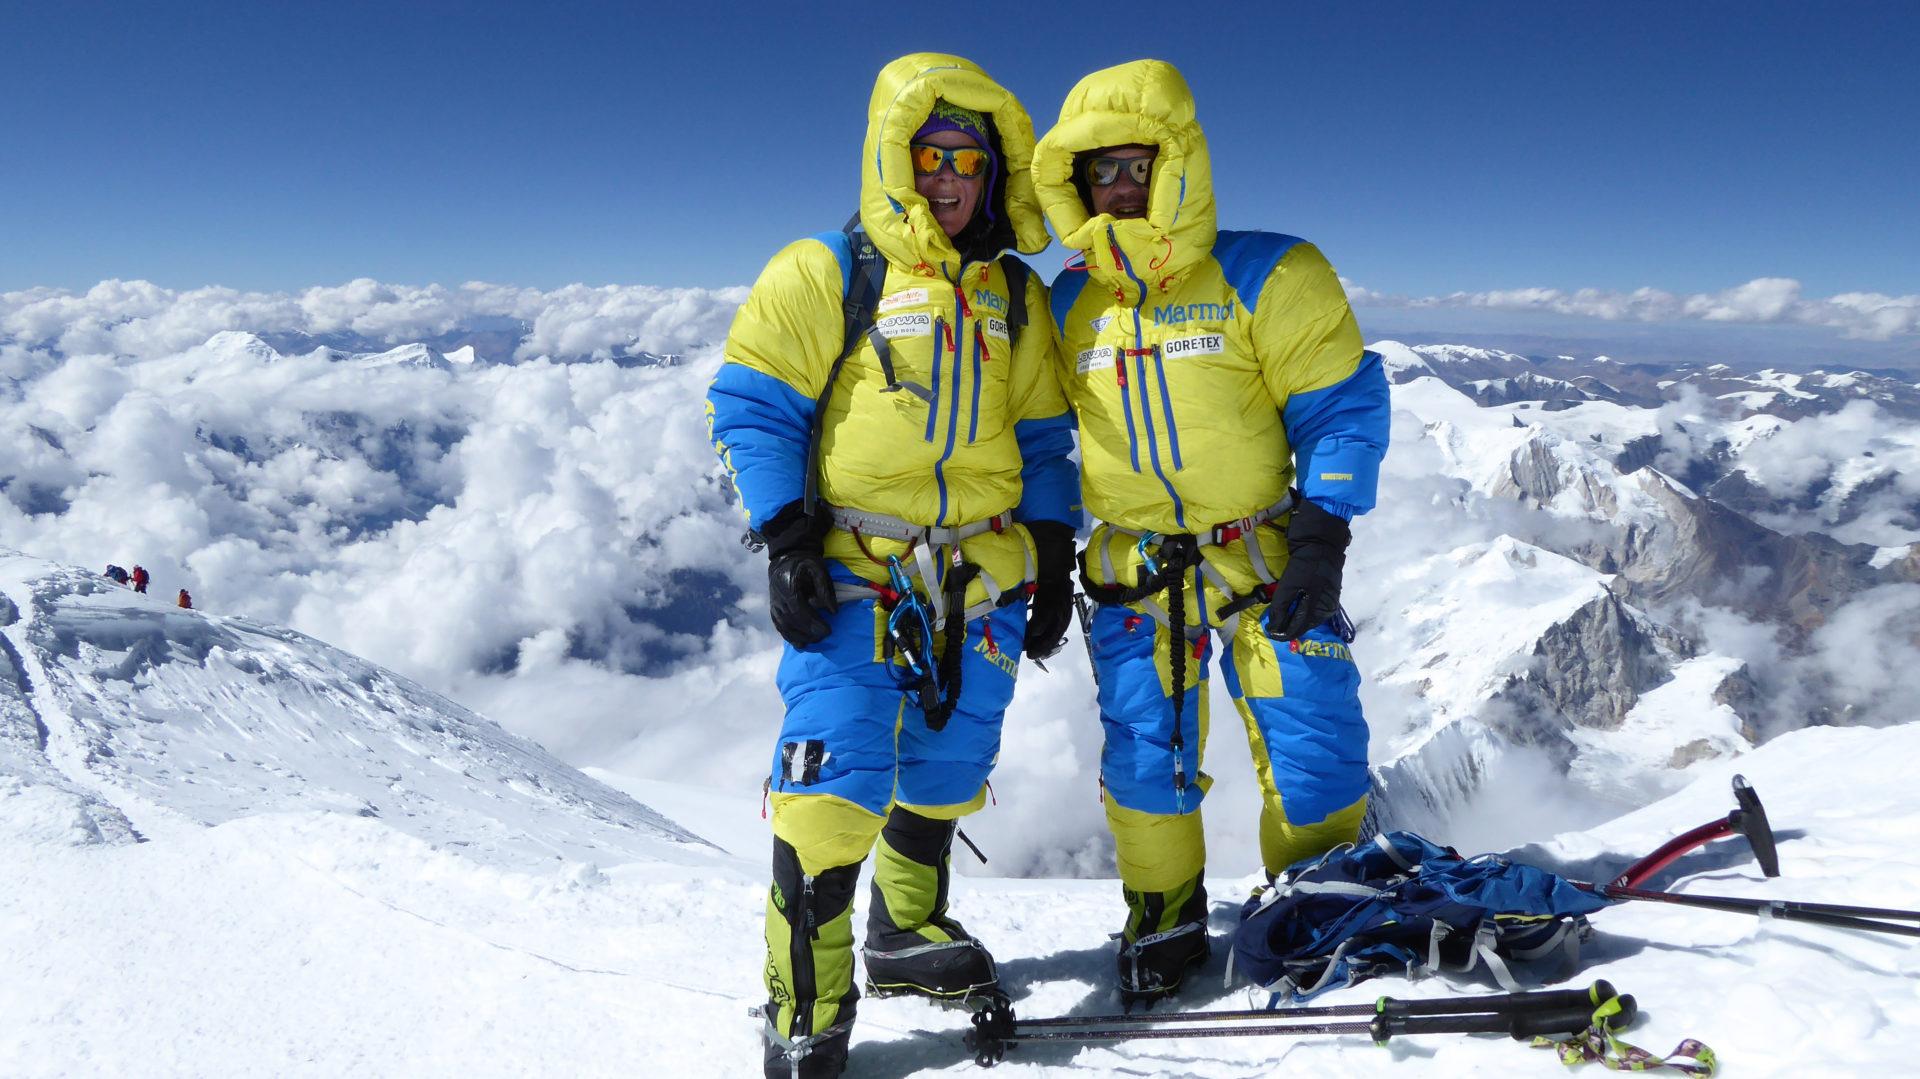 Alix von Melle und Luis Stitzinger am Gipfel des Manaslu